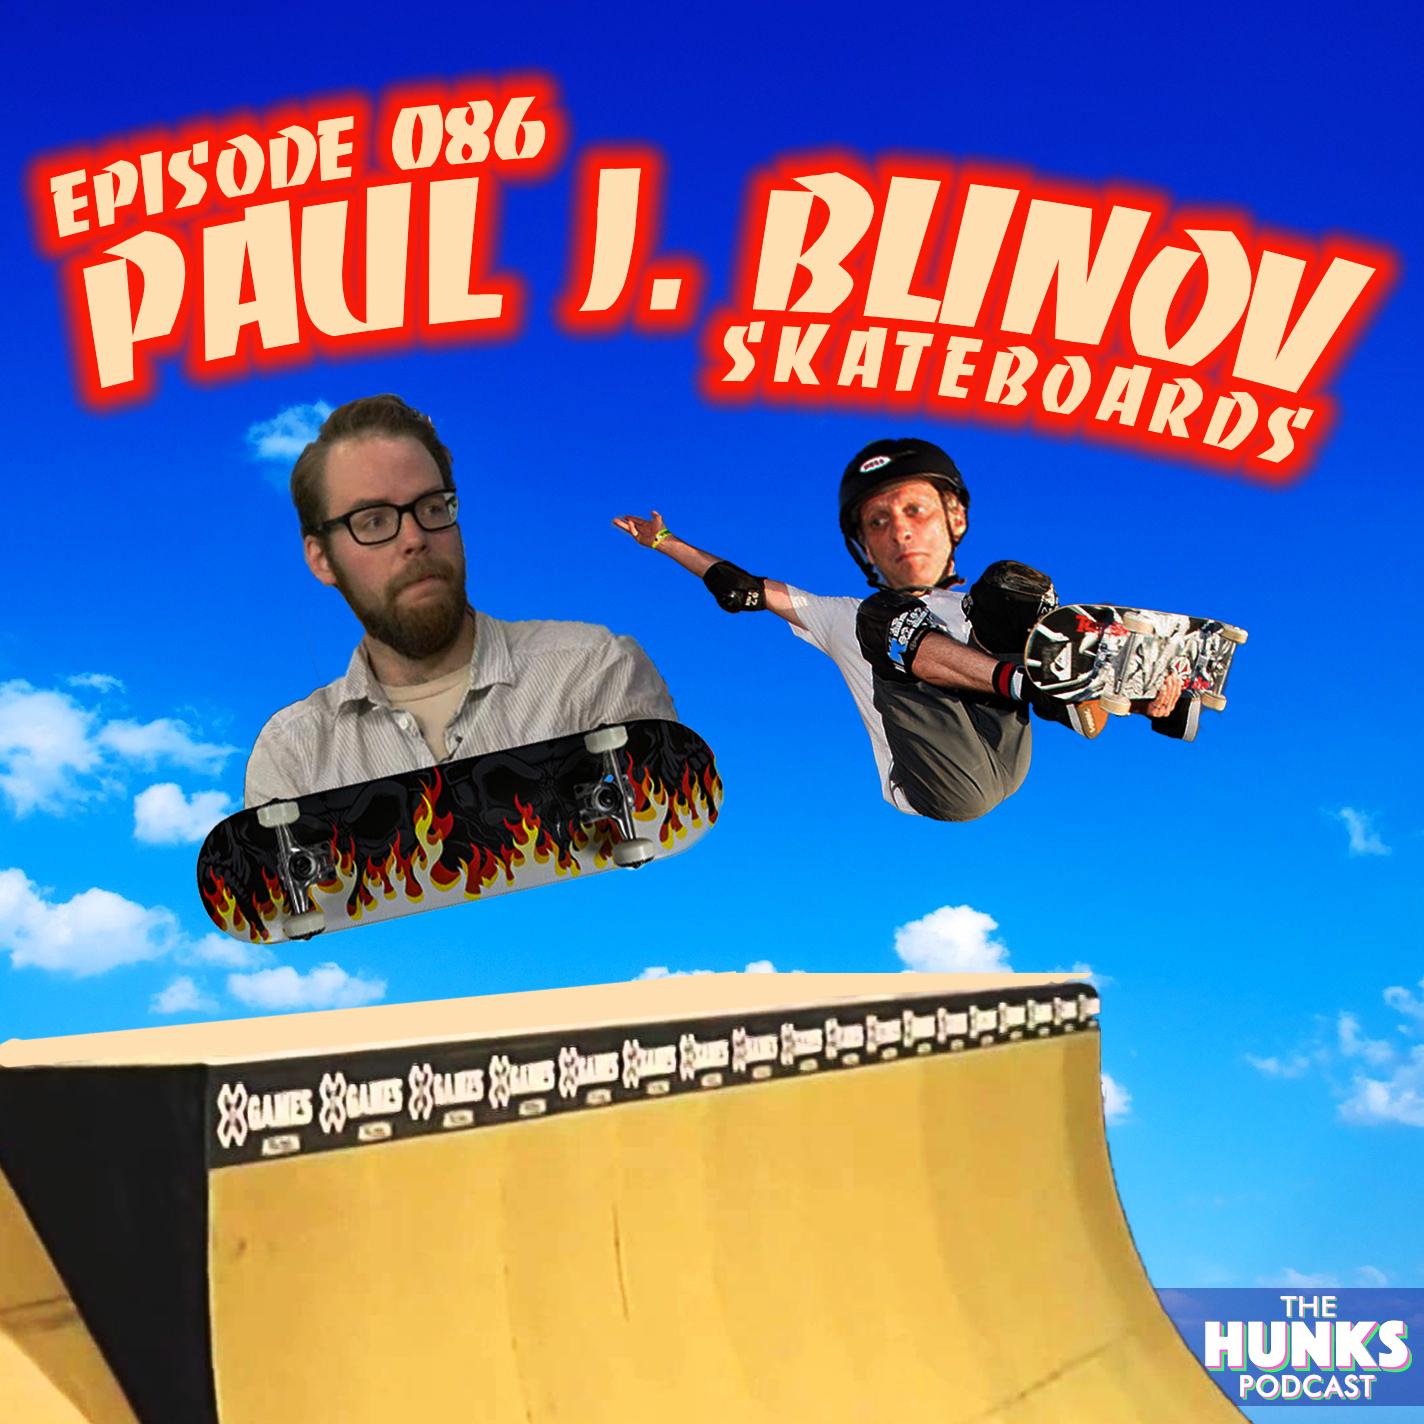 086 Paul J Blinov.png